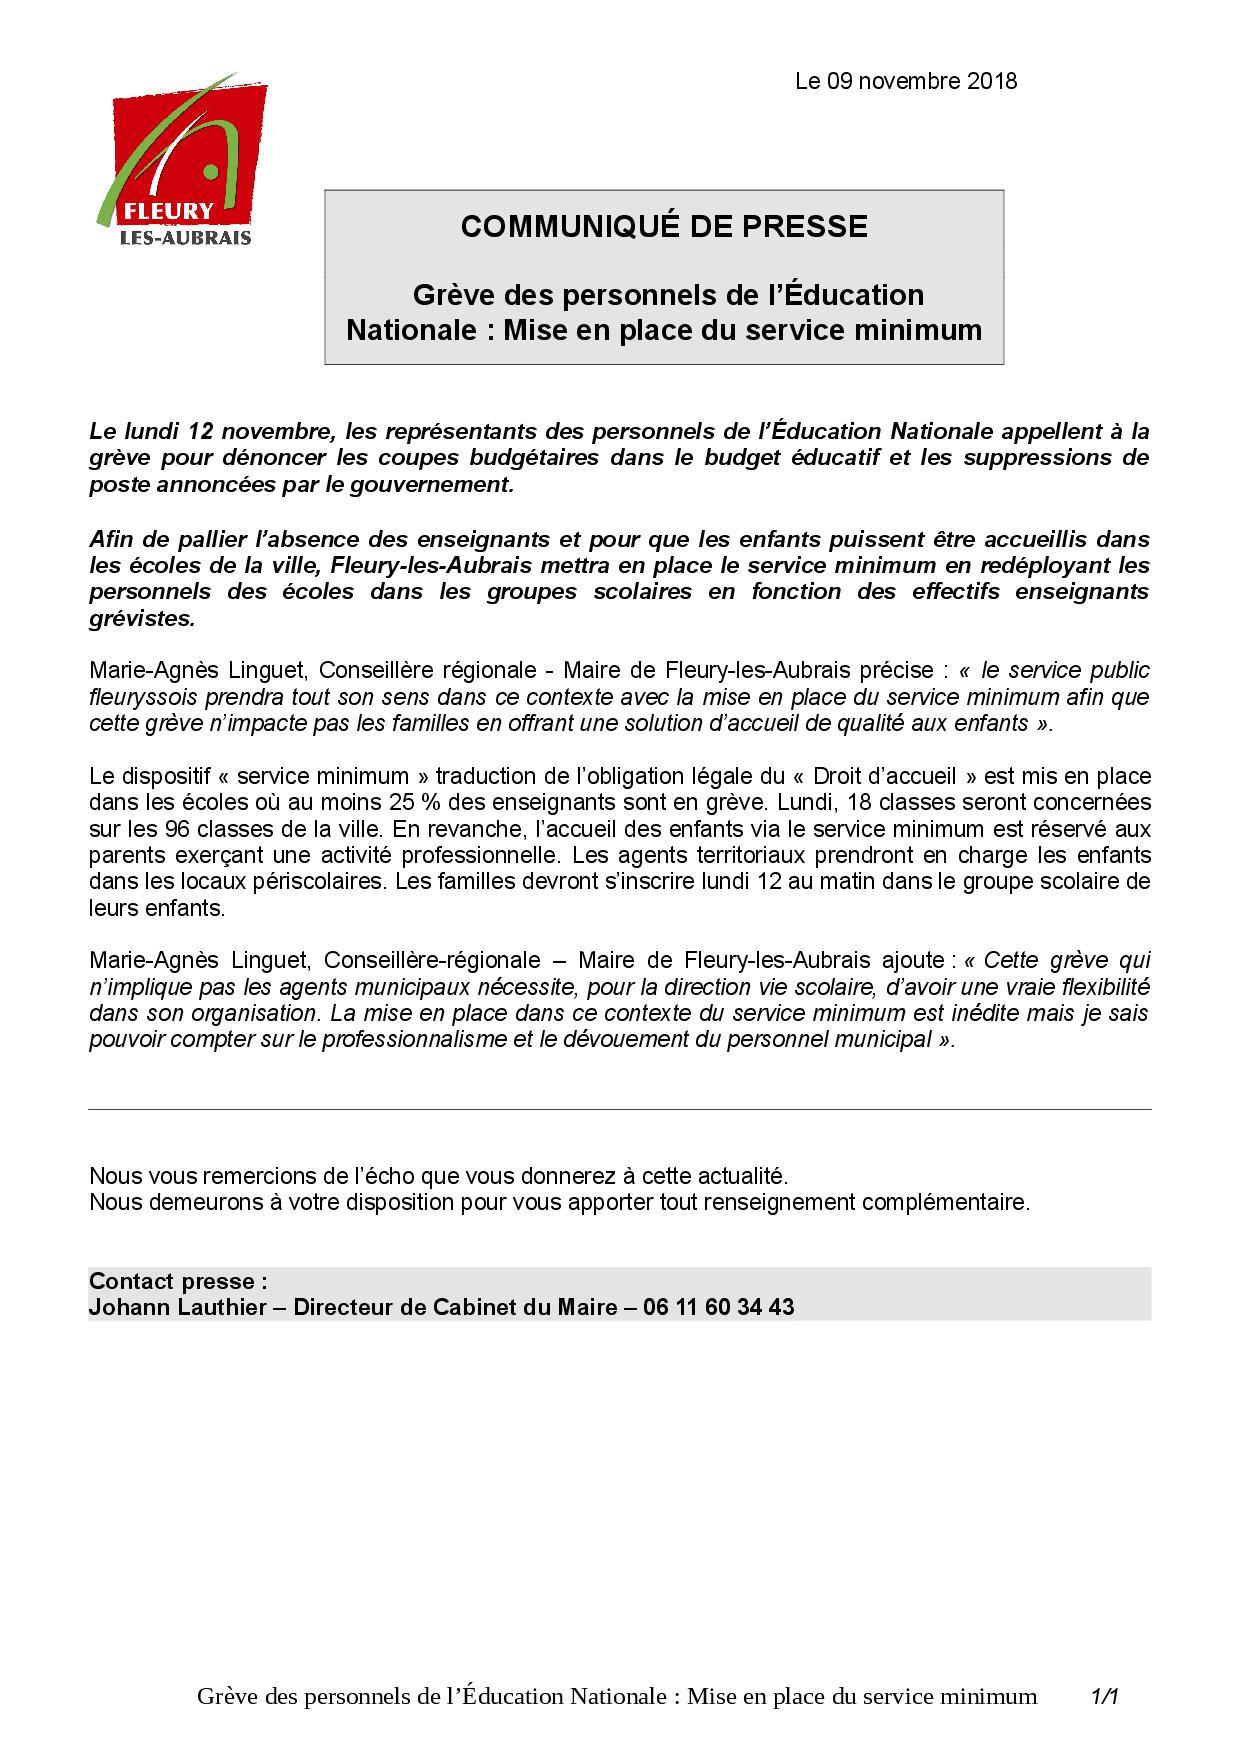 CP Grève Des personnels educ nat.jpg